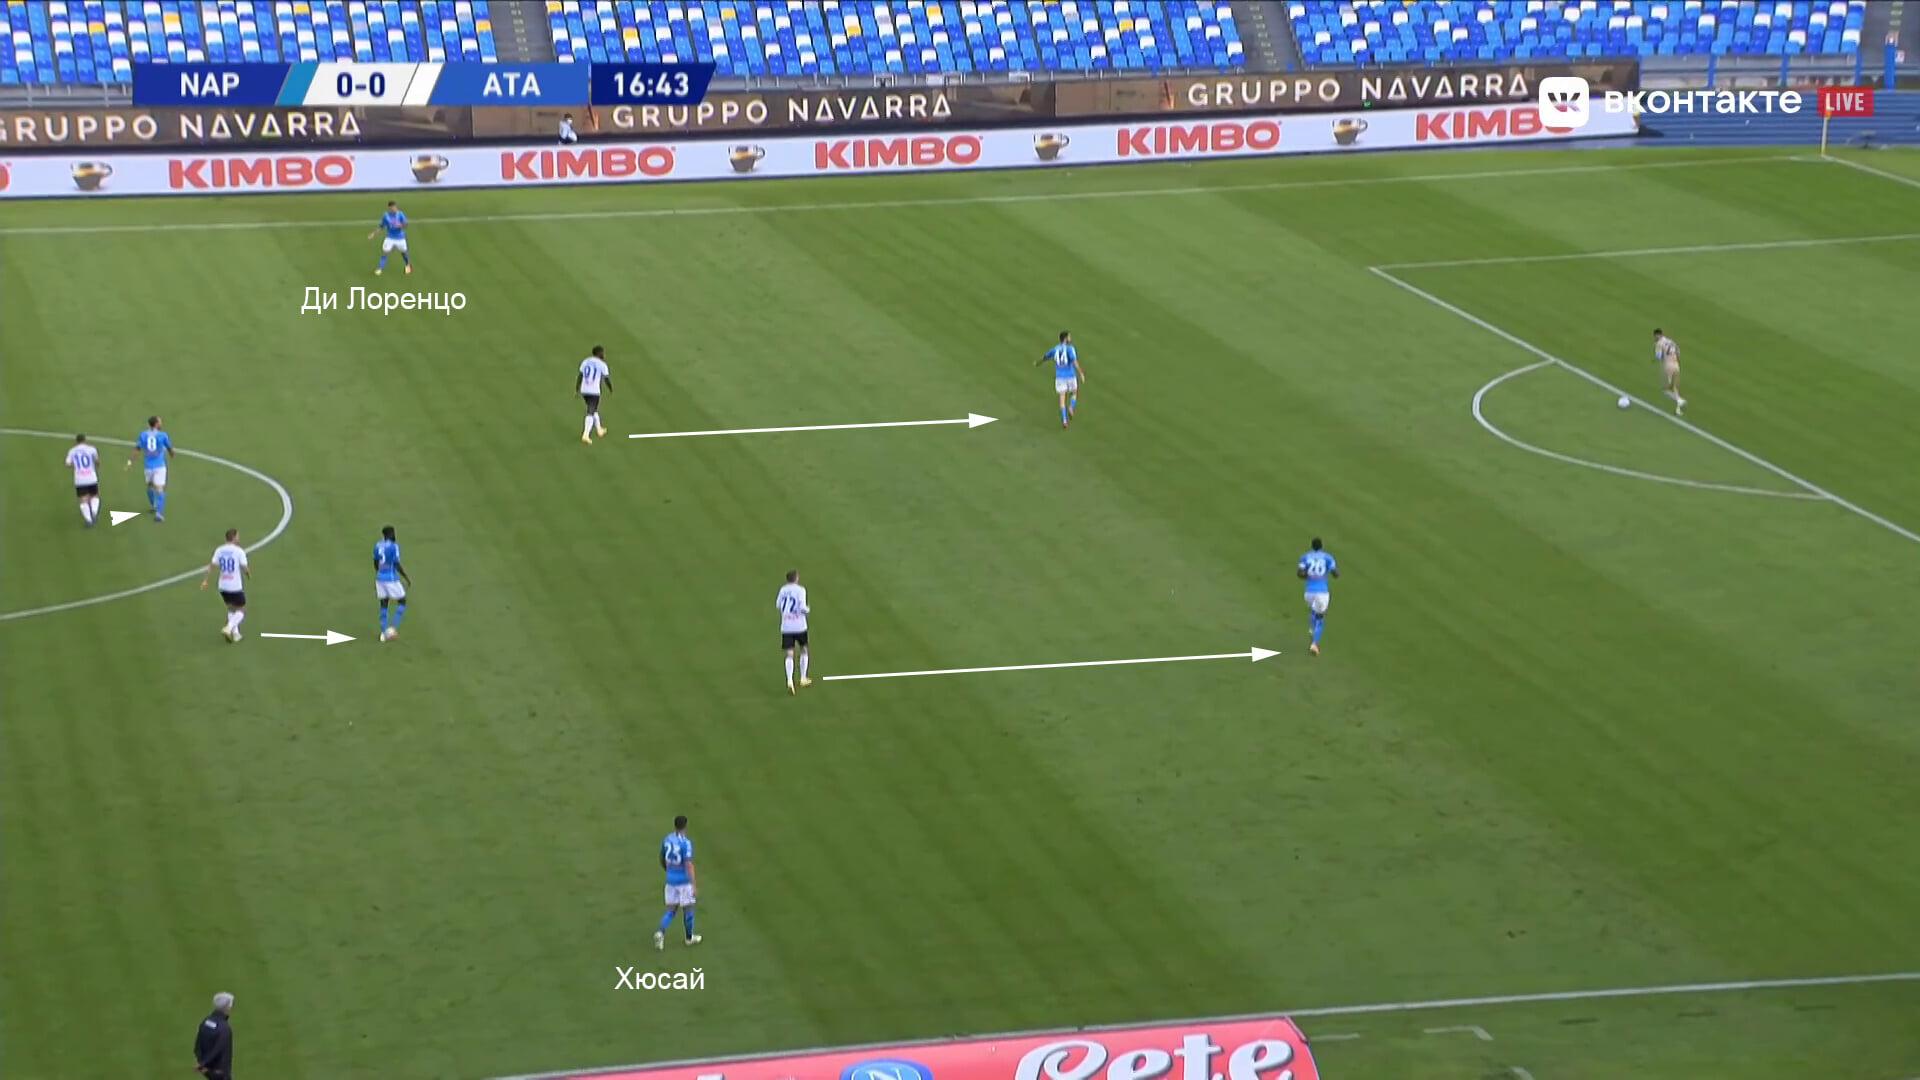 «Аталанта» внезапно получила четыре от «Наполи». Пора признать: Гаттузо – очень умный тренер (этот матч – шикарное доказательство)